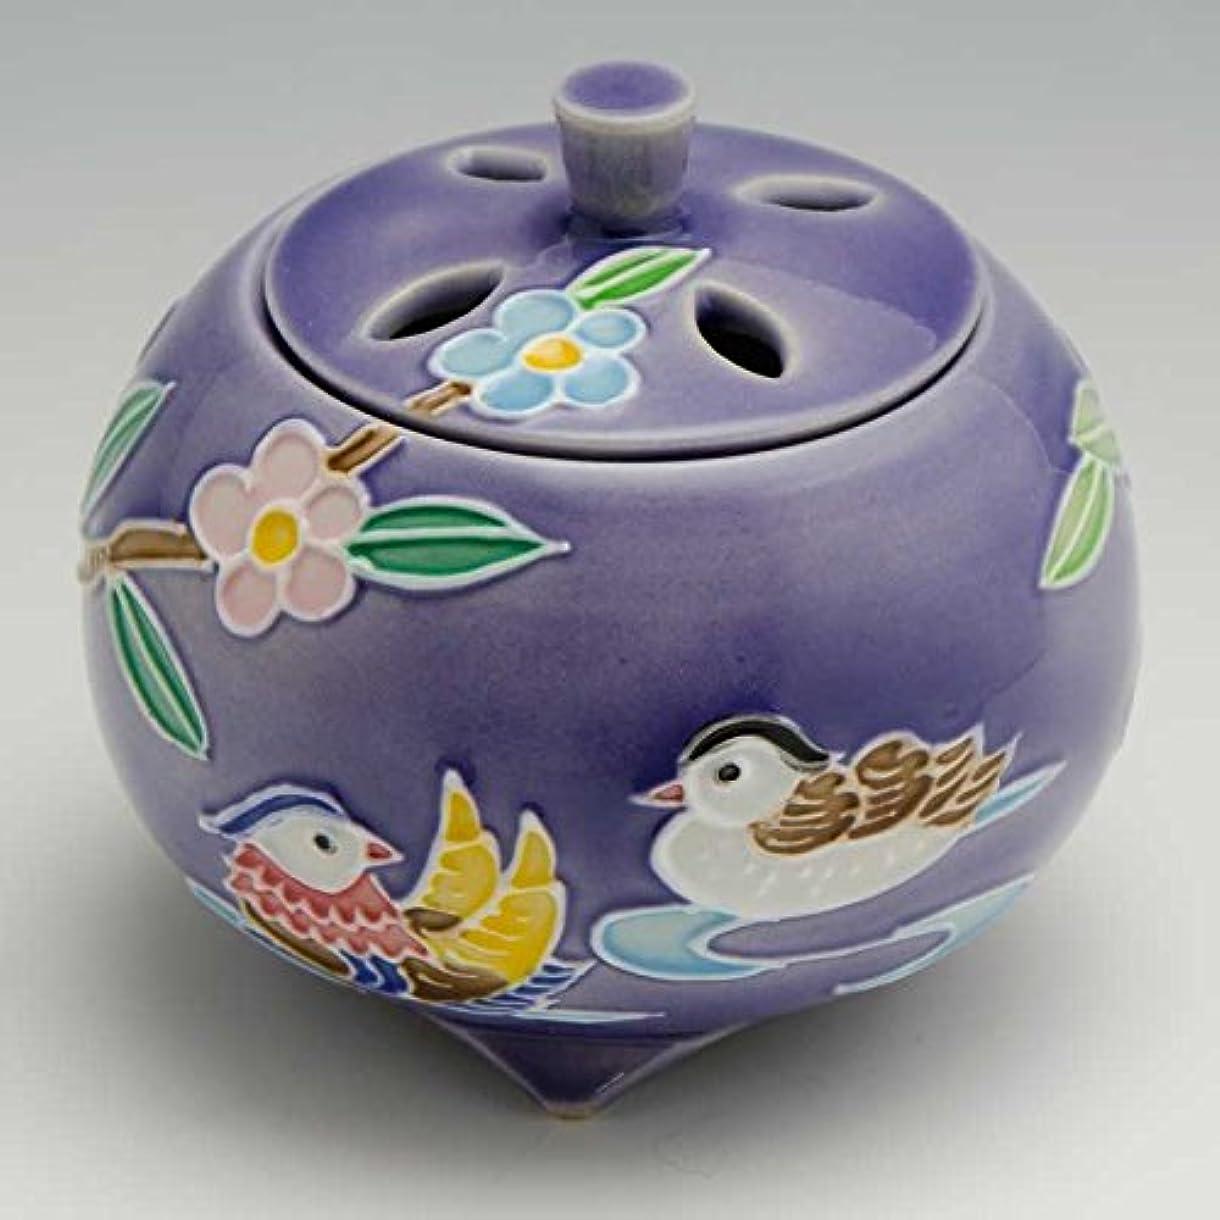 植生島批判的に京焼 清水焼 京 焼き 京焼き 香炉 1個 木箱入 交趾おしどり(紫) こうちおしどり(むらさき) YSM134